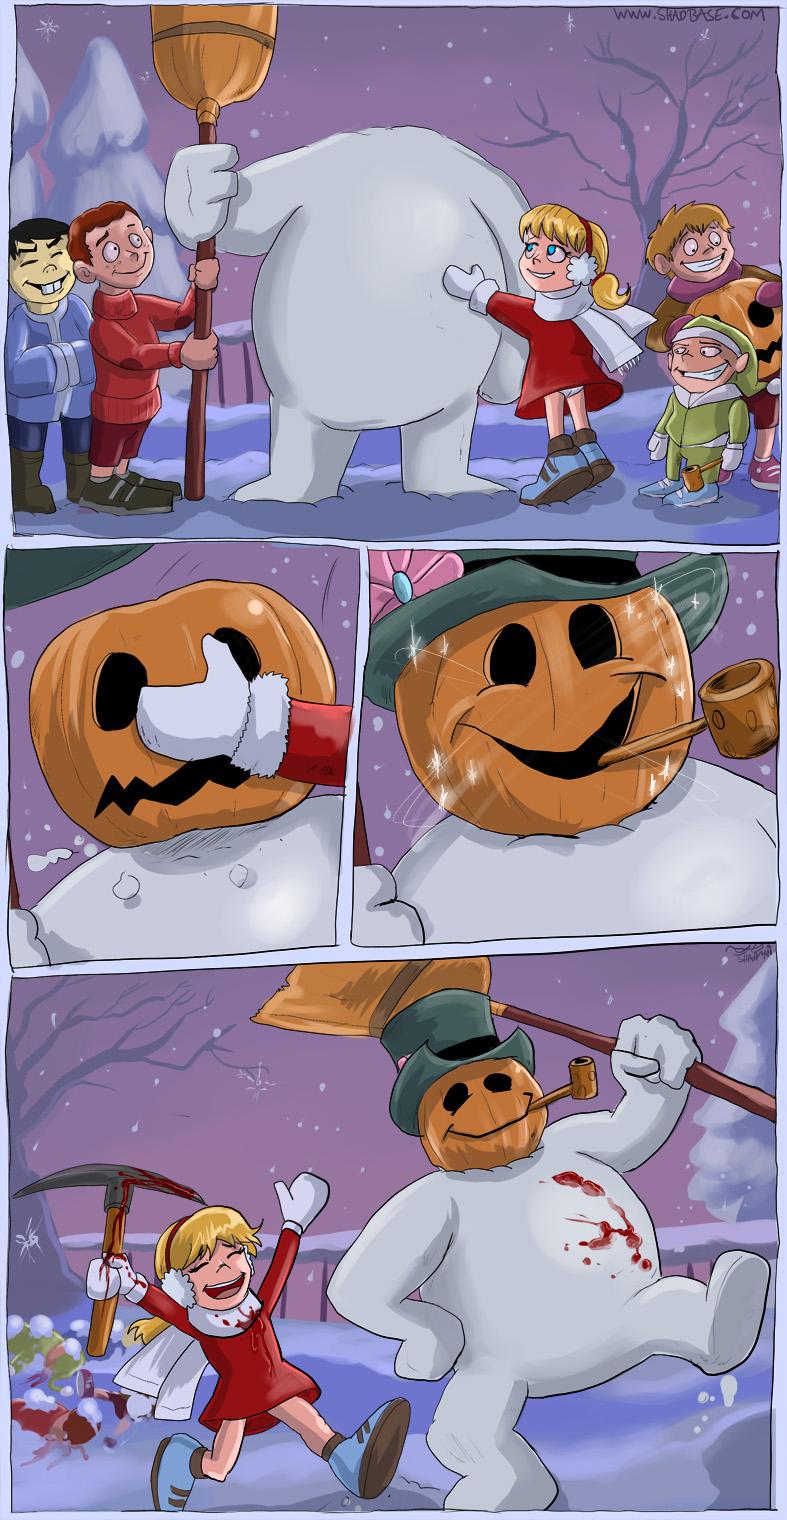 Frosty the Snow Golem